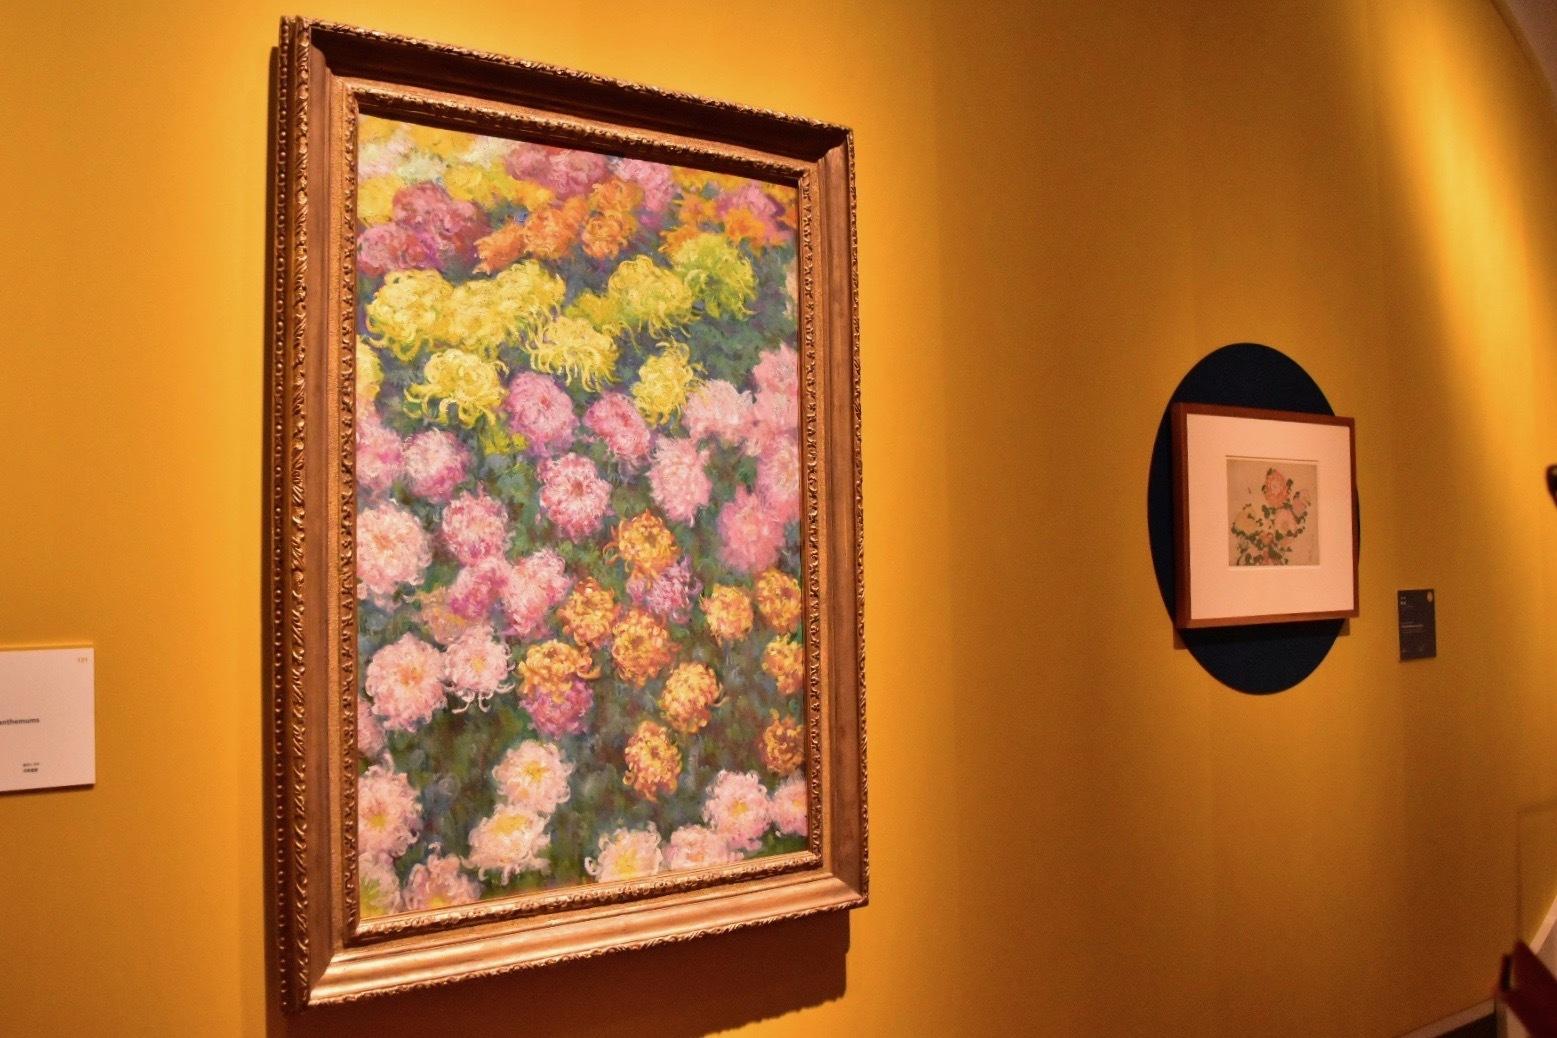 左:クロード・モネ《菊畑》1897年 個人蔵 右奥:葛飾北斎《菊に虻》1831-33(天保2-4)年頃 シカゴ美術館